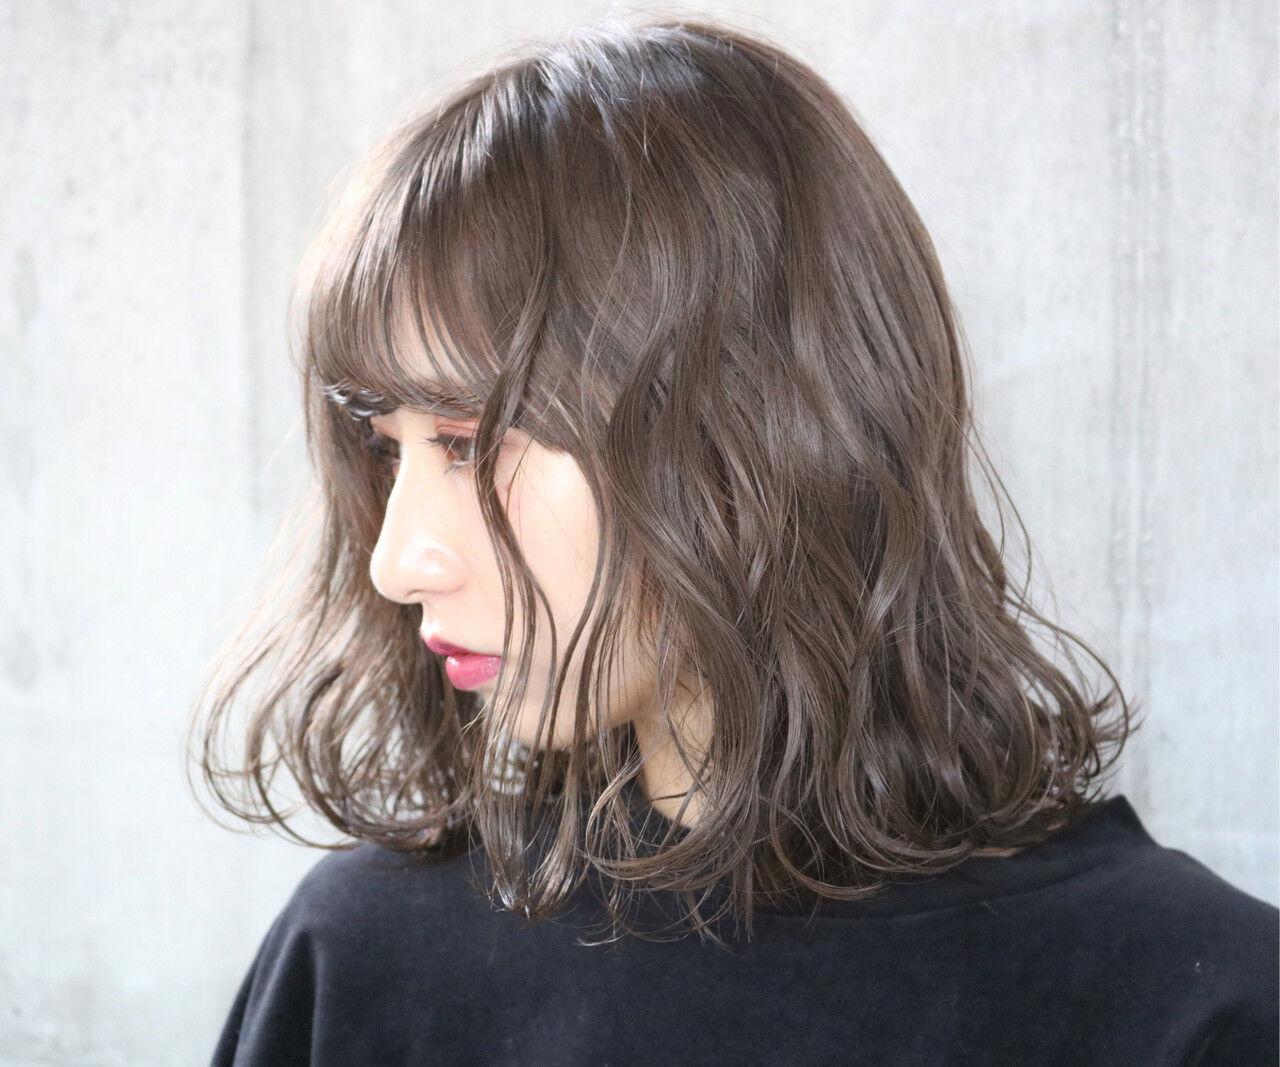 アンニュイほつれヘア 切りっぱなしボブ 外国人風 外国人風カラーヘアスタイルや髪型の写真・画像